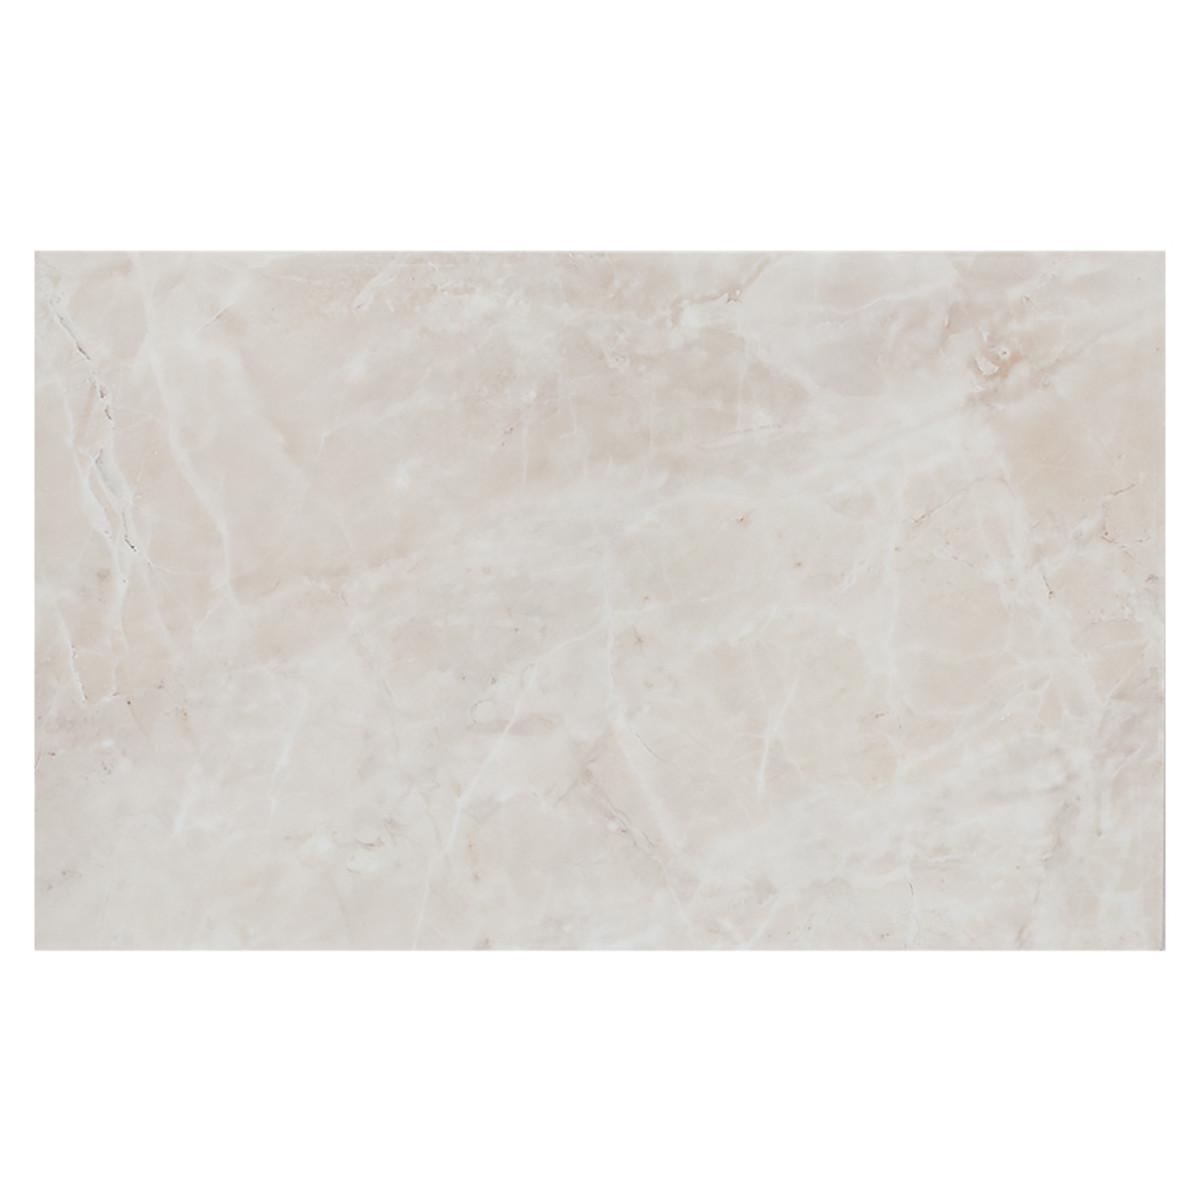 Плитка настенная Сомерсет цвет темно-бежевый 25х40 см 11 м2